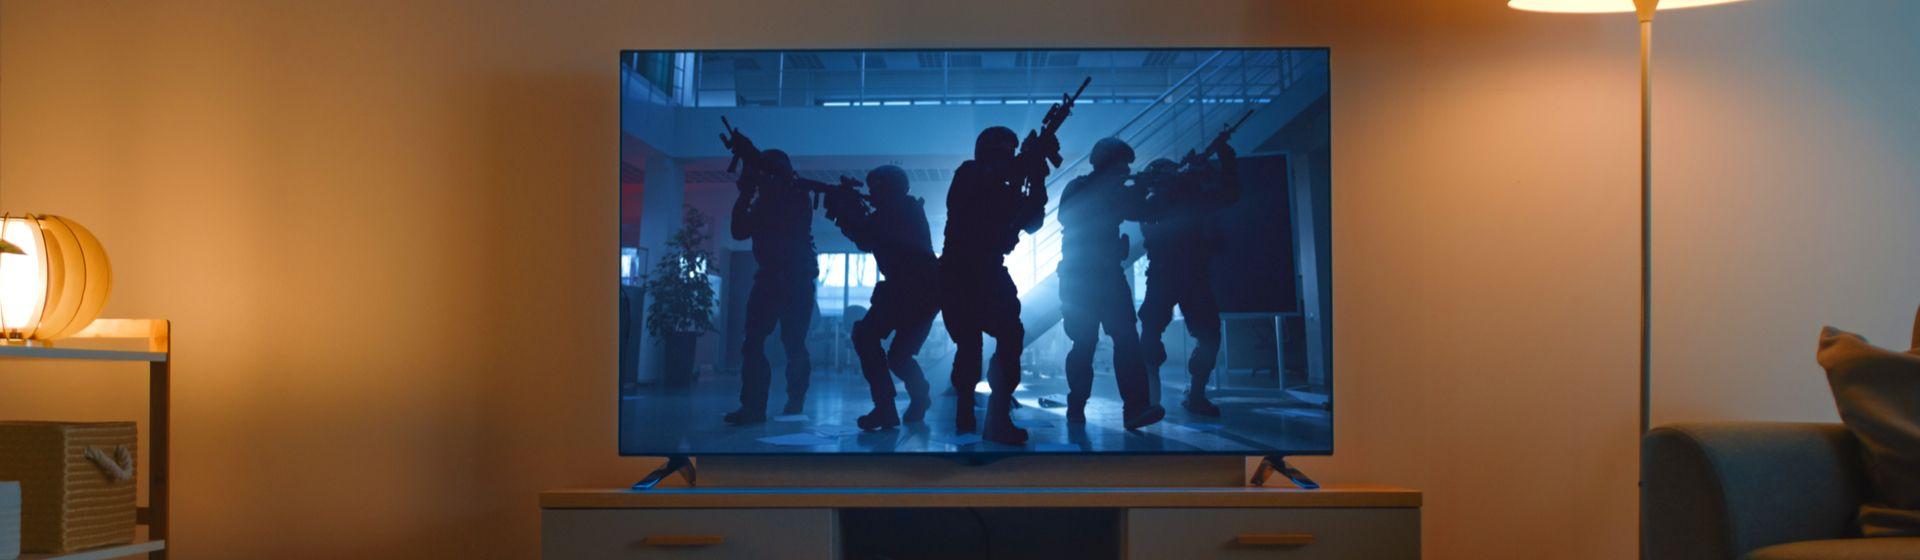 TVs Panasonic em 2020: confira as melhores opções